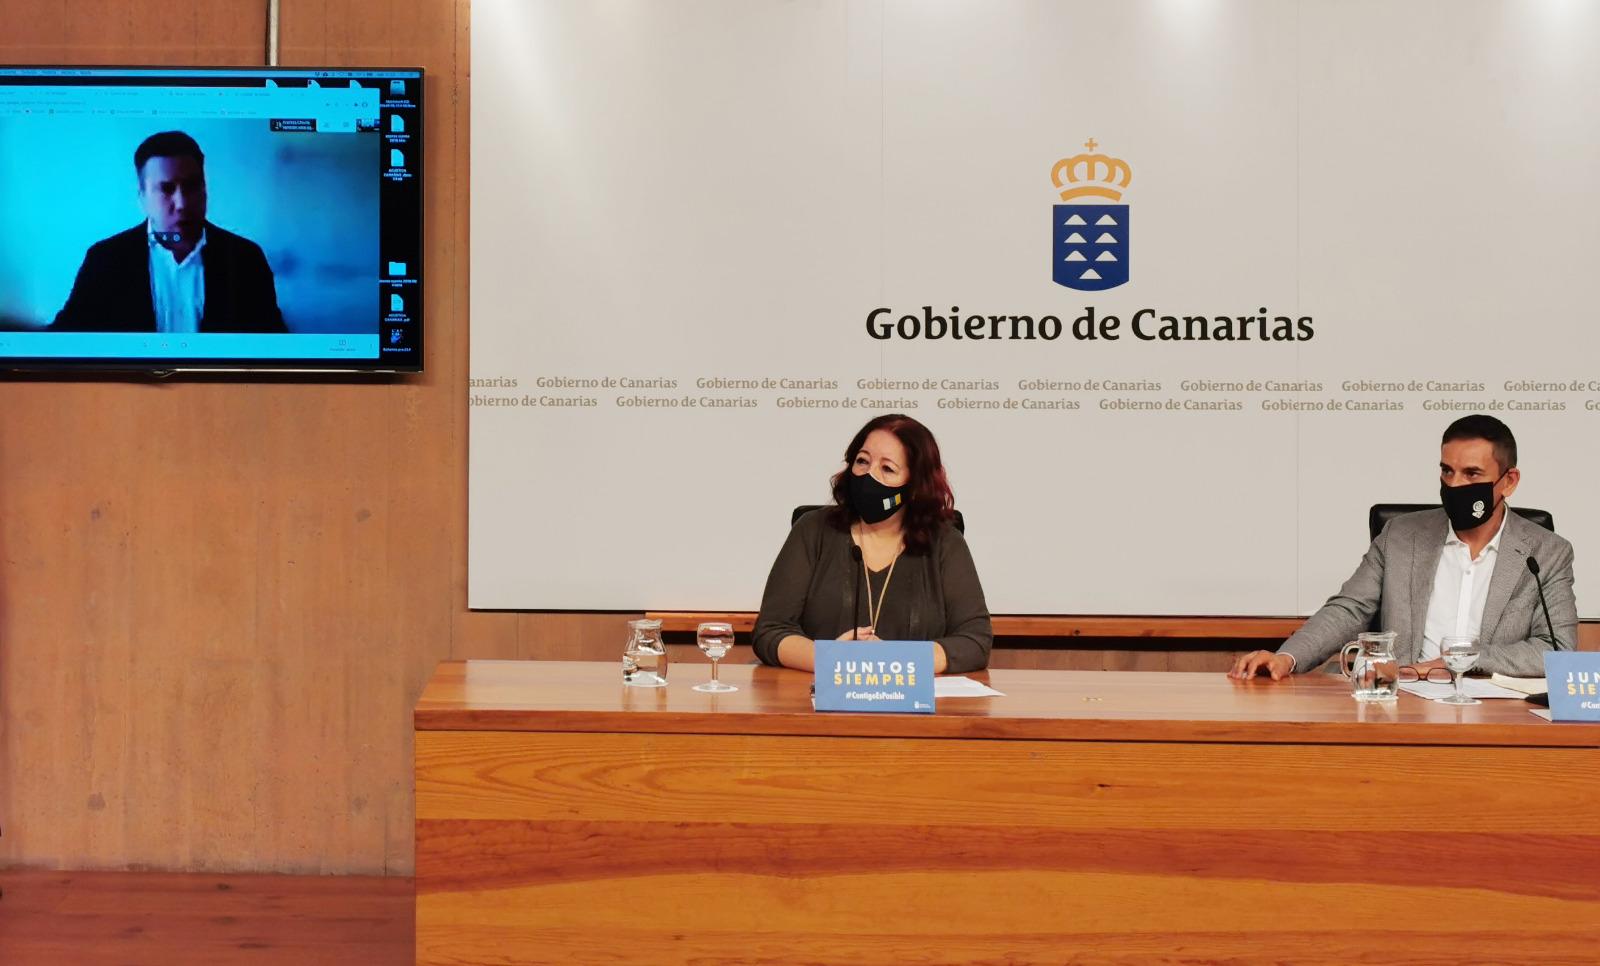 Educación ofrecerá las herramientas de Google a los centros educativos públicos de Canarias